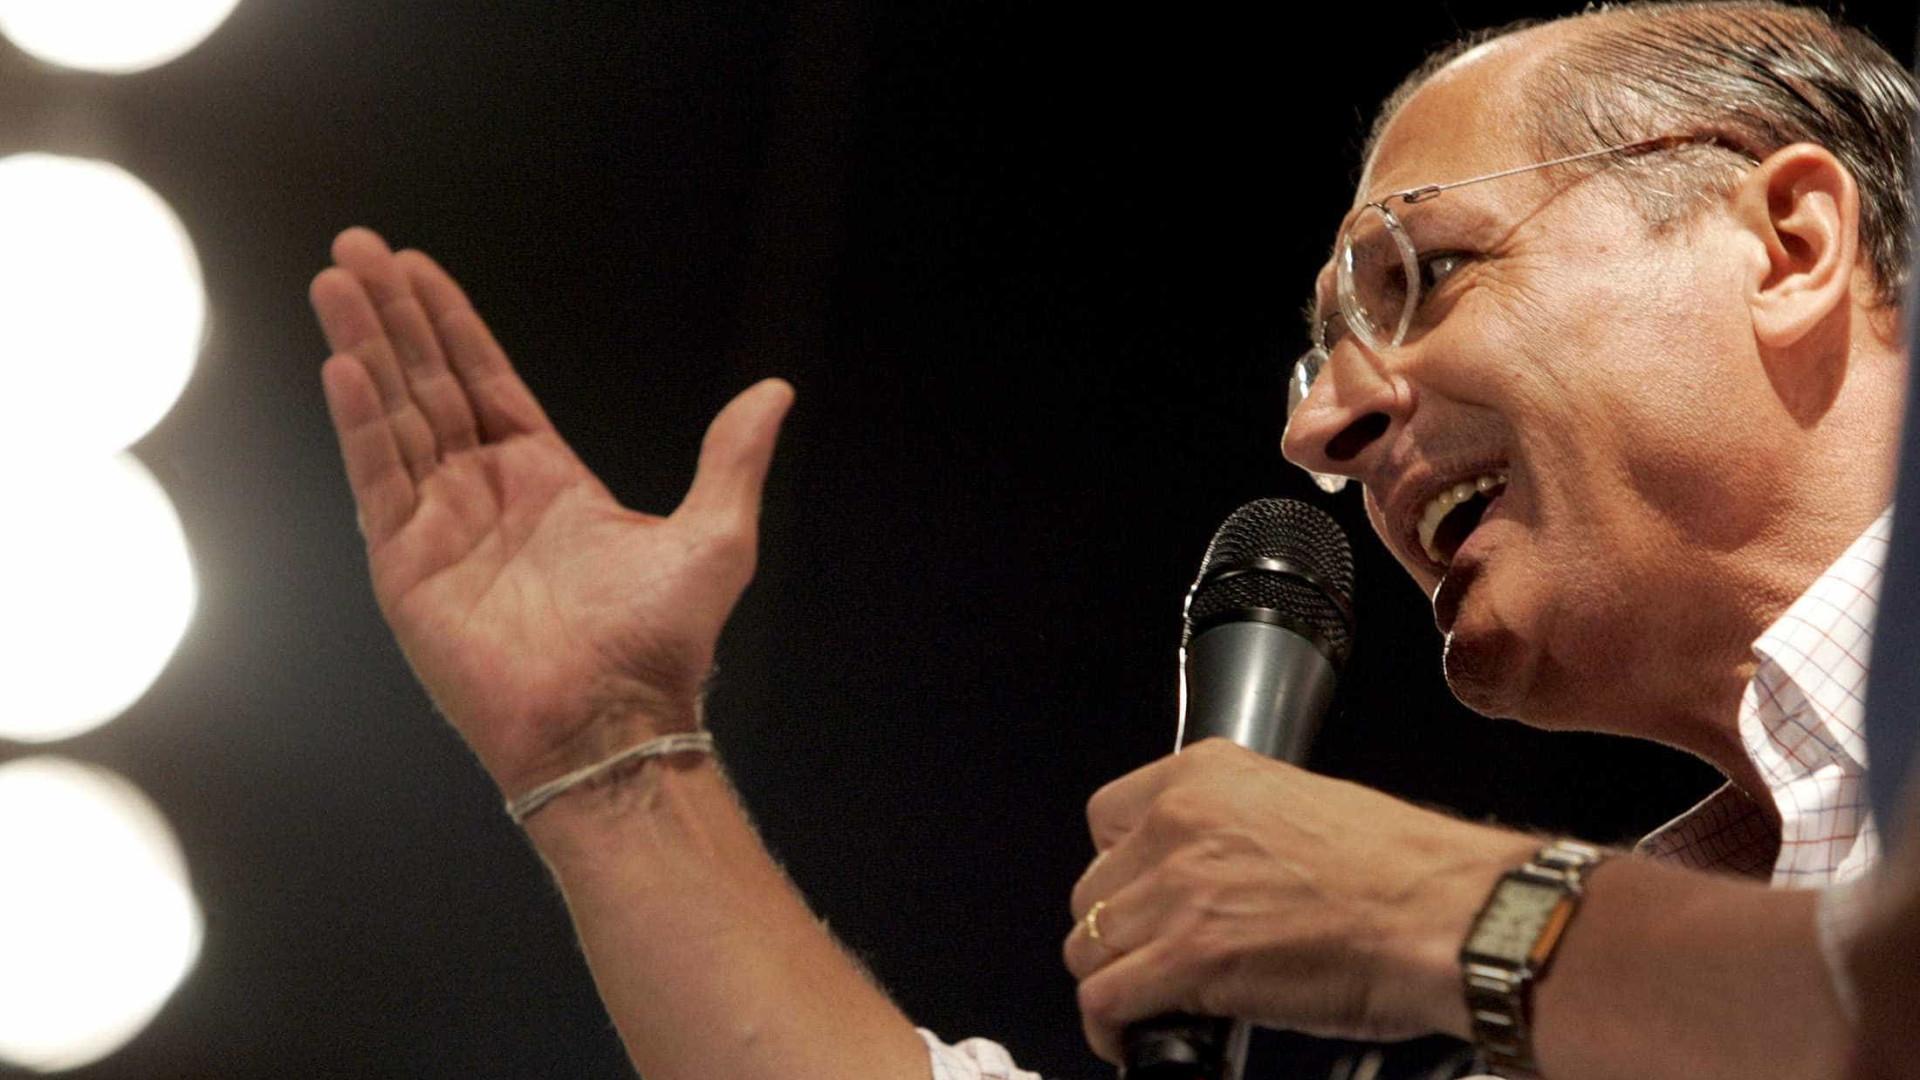 Após Tasso desistir, Alckmin decide ser candidato à presidência do PSDB